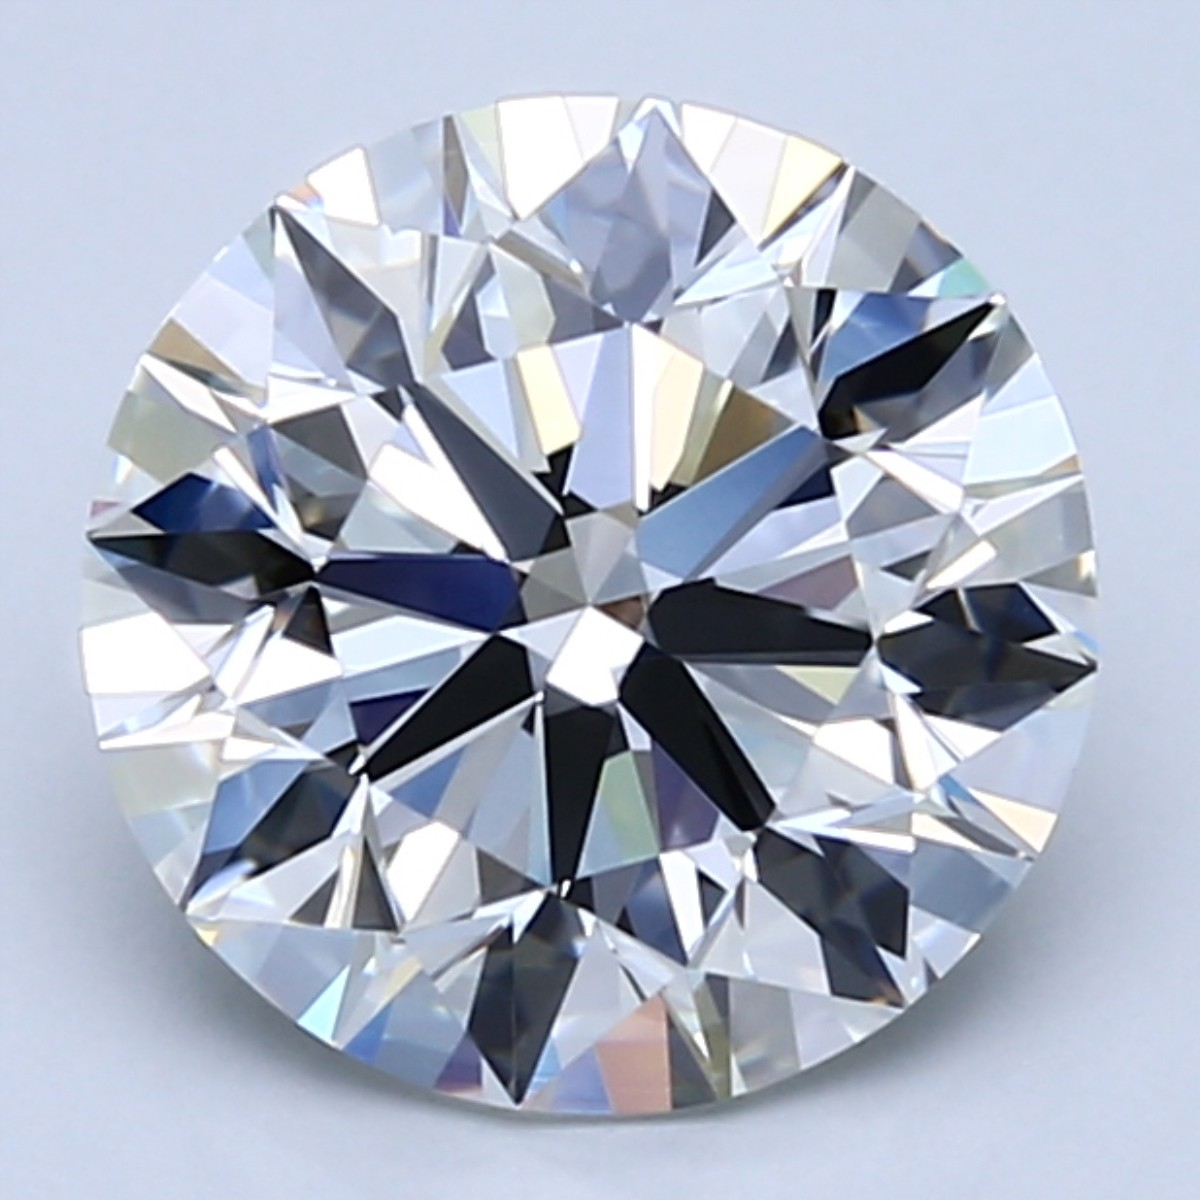 3 carat I color diamond